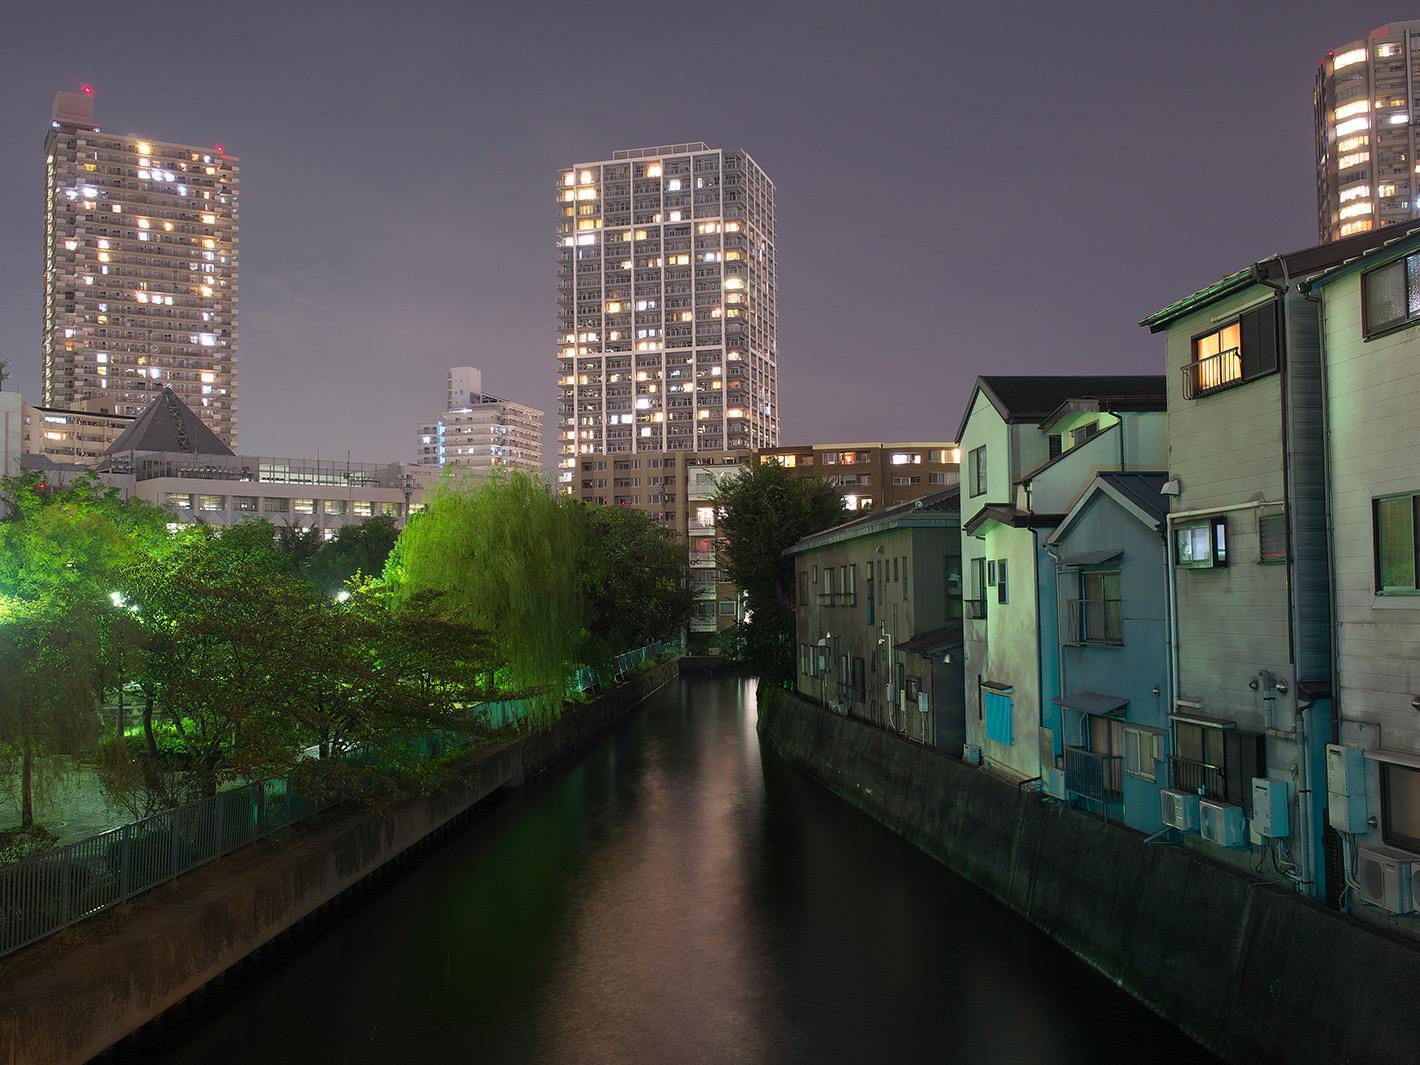 水路の夜_f0121181_027798.jpg